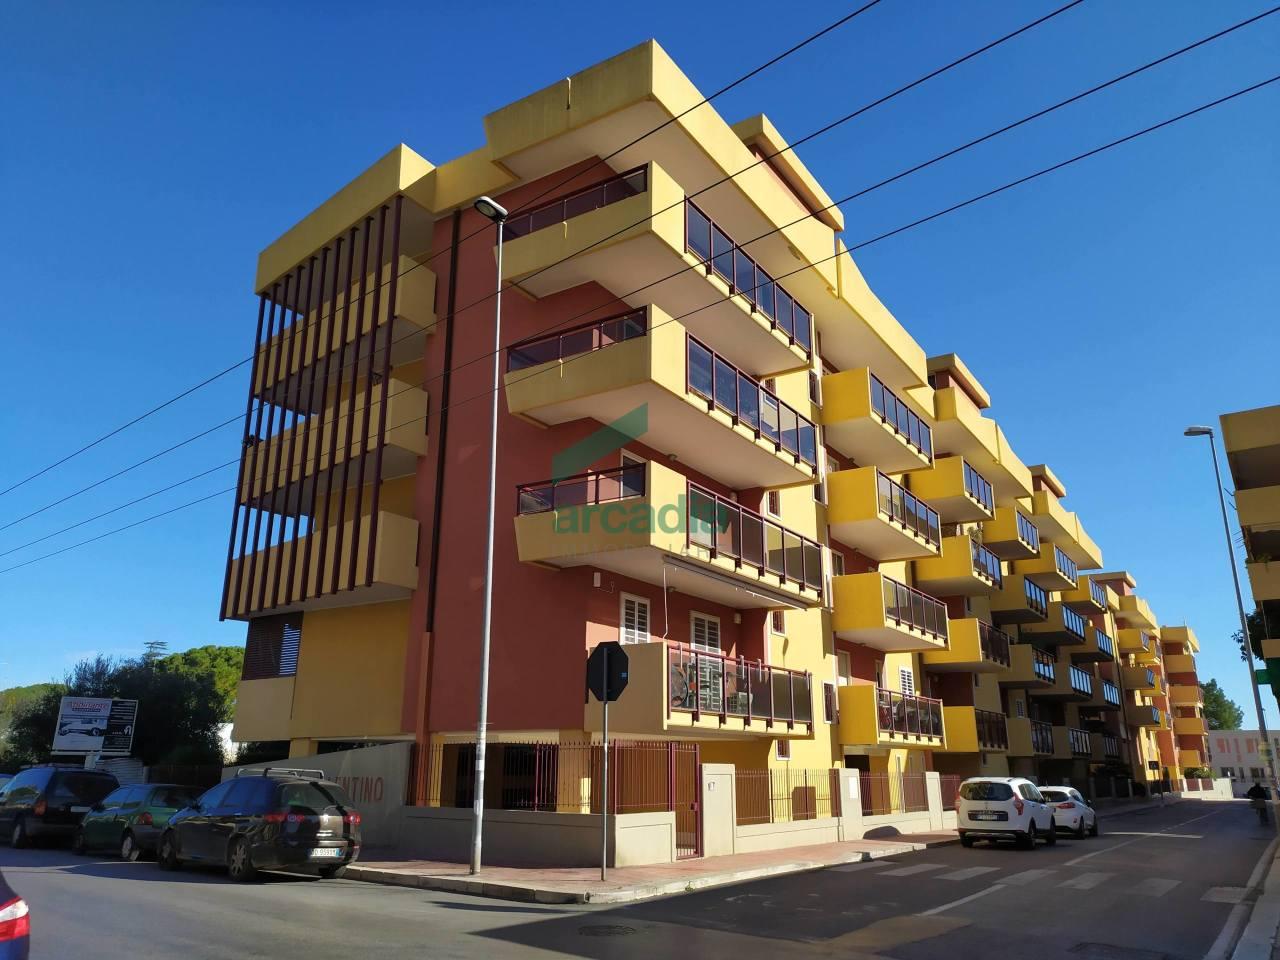 Appartamento in vendita a Bari, 2 locali, prezzo € 155.000 | CambioCasa.it